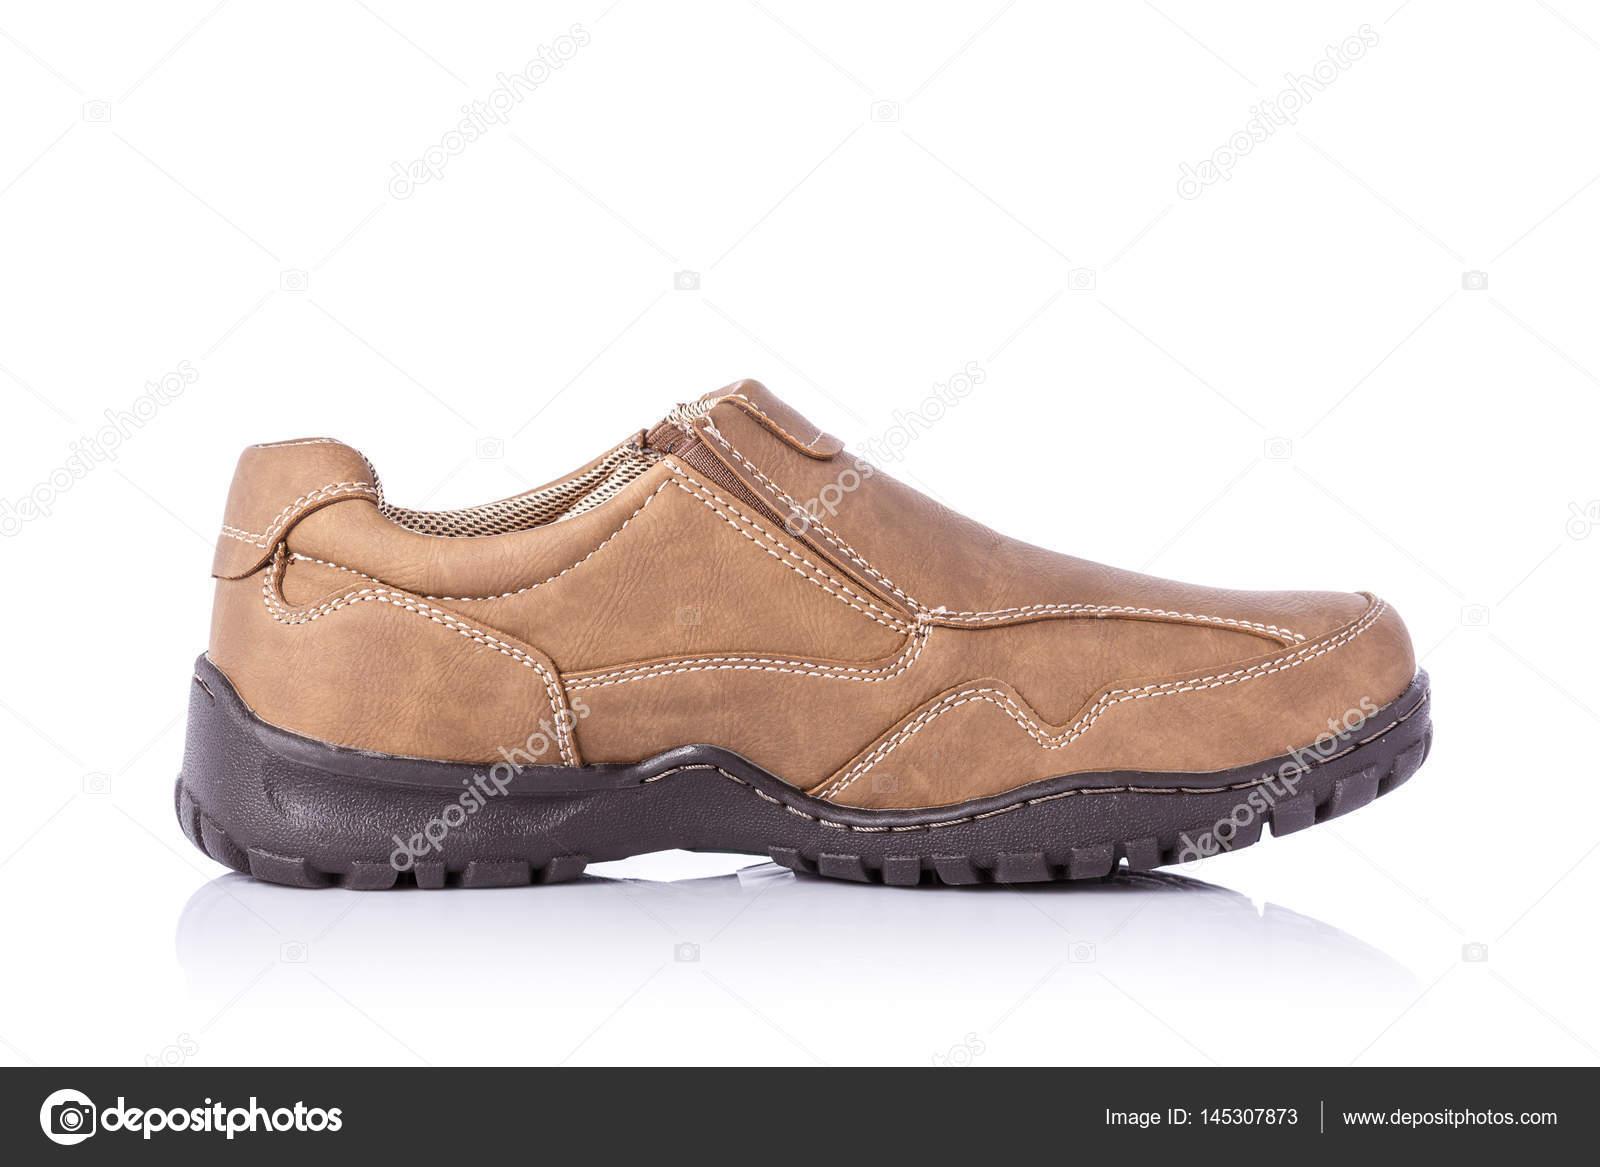 071165cda5 Nuevo zapato marrón hombres. Estudio tiros aislados sobre fondo blanco —  Foto de ...